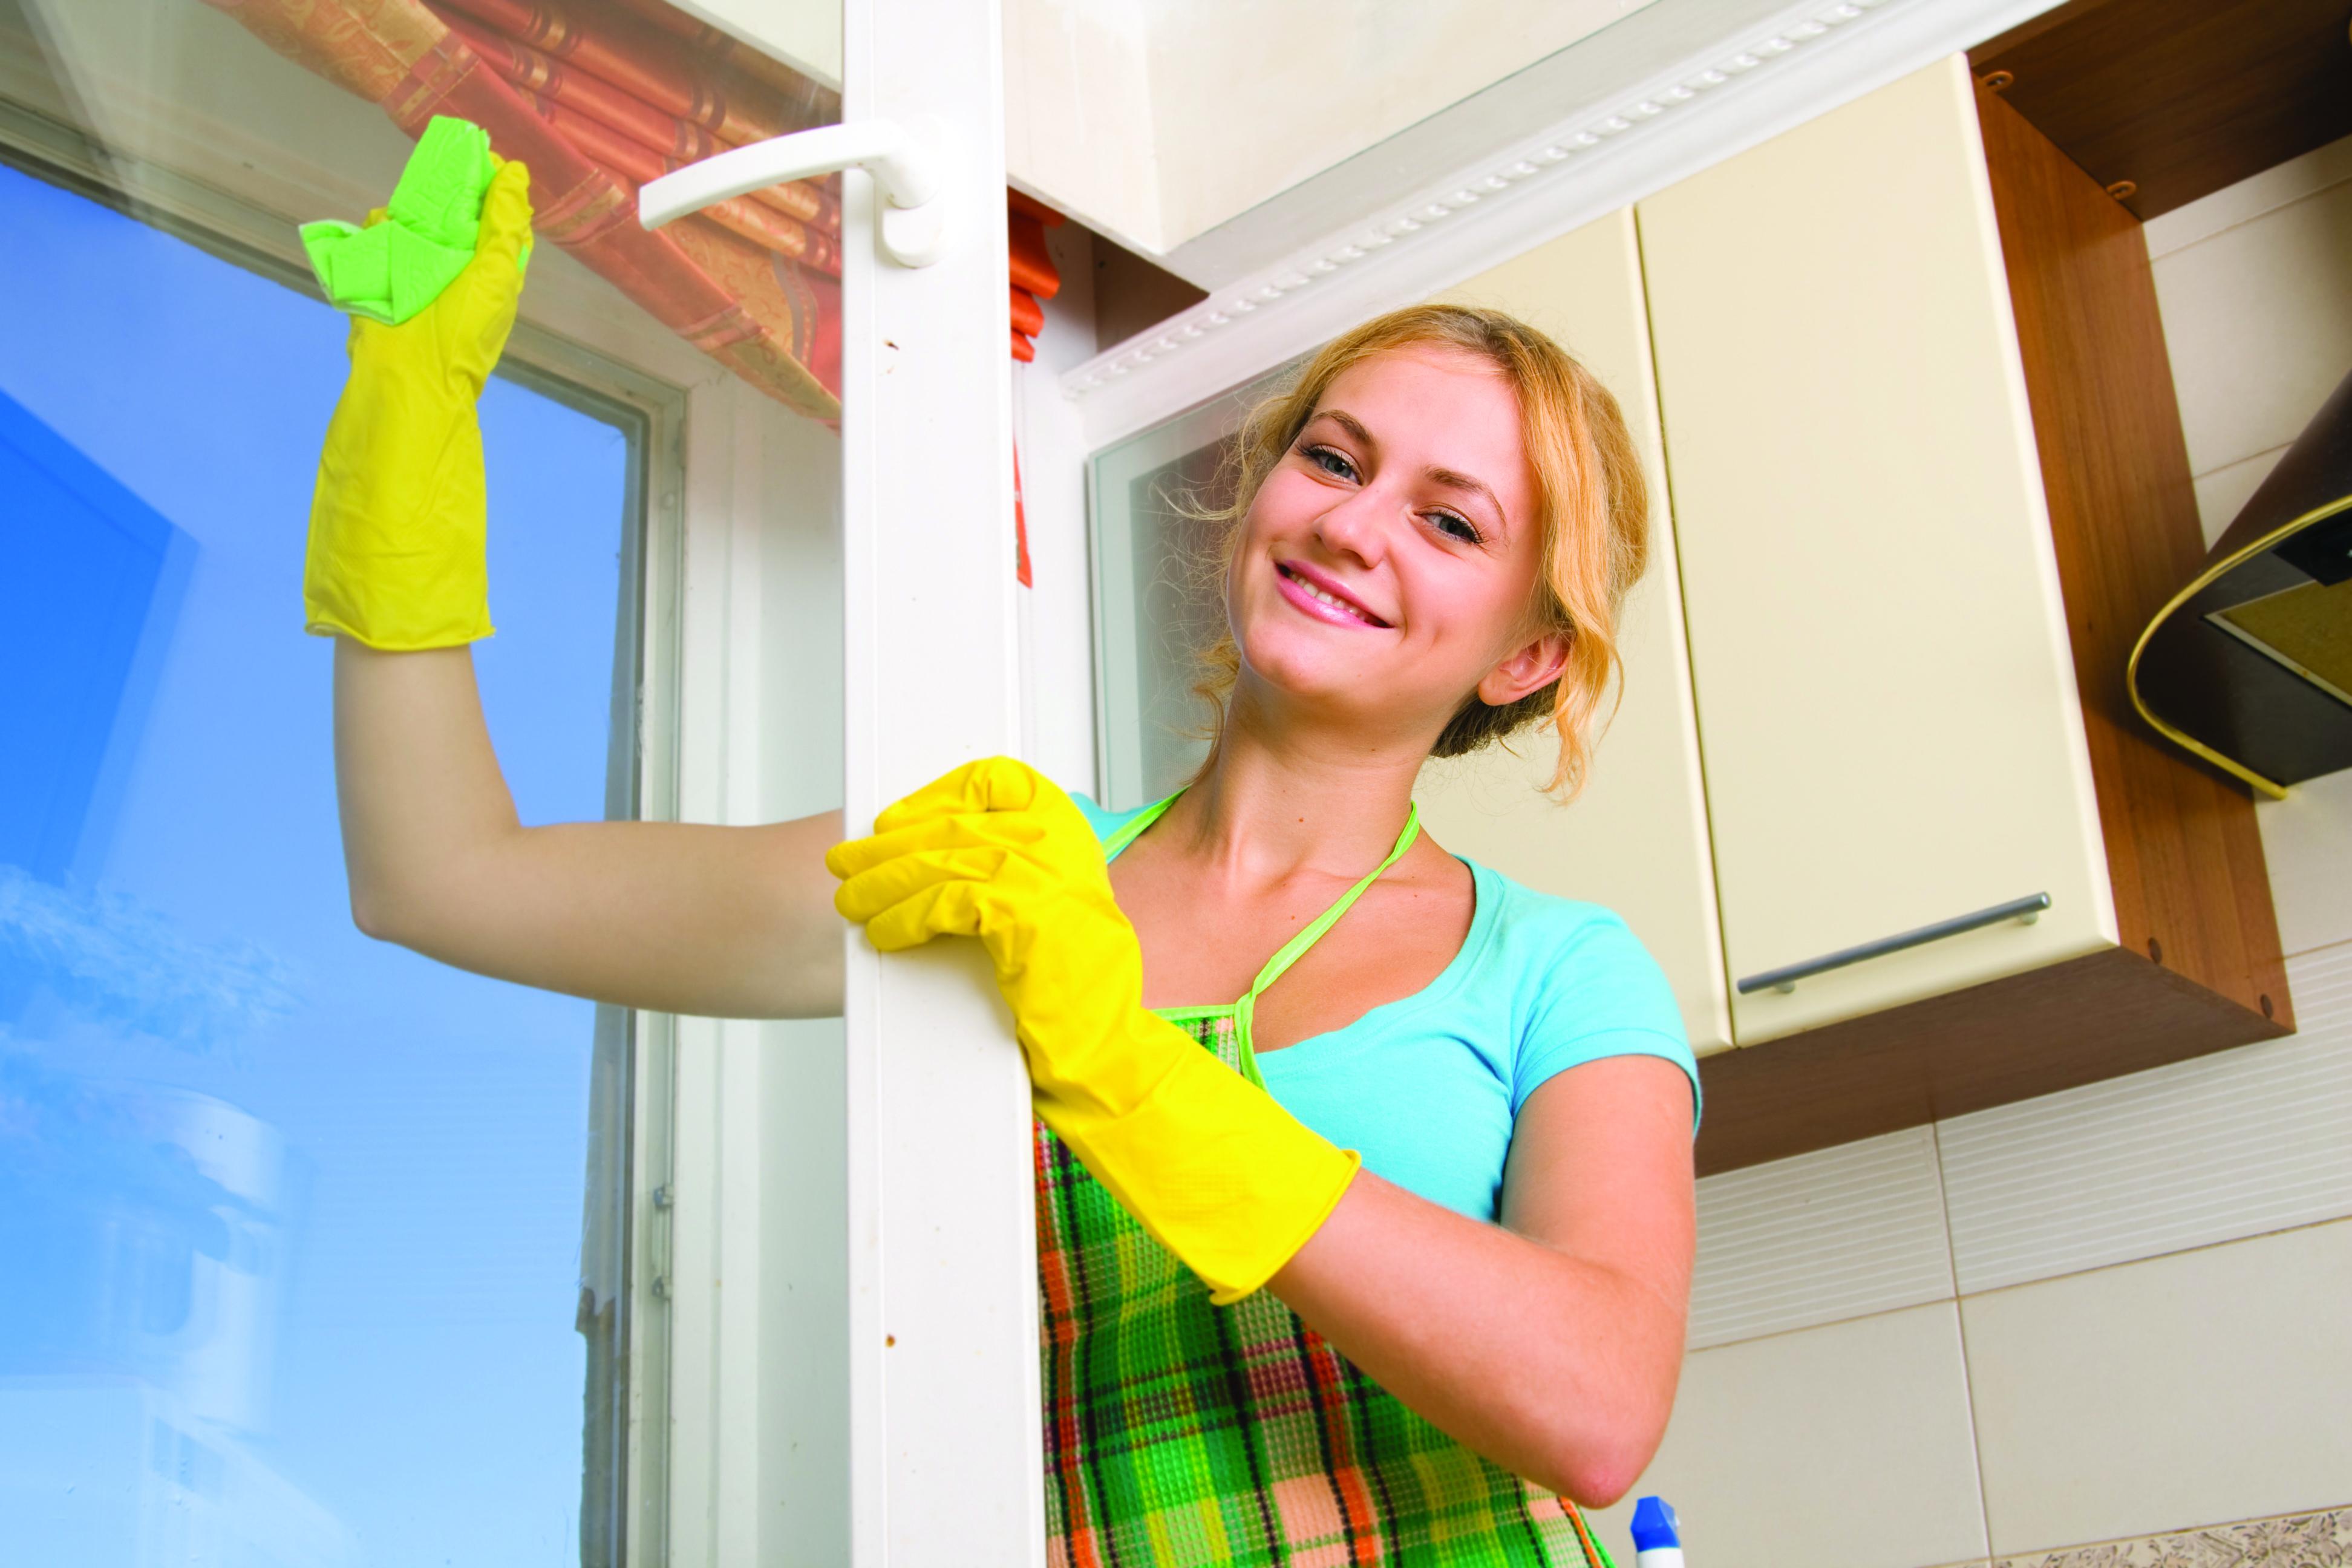 работа уборщицей для молодой девушки